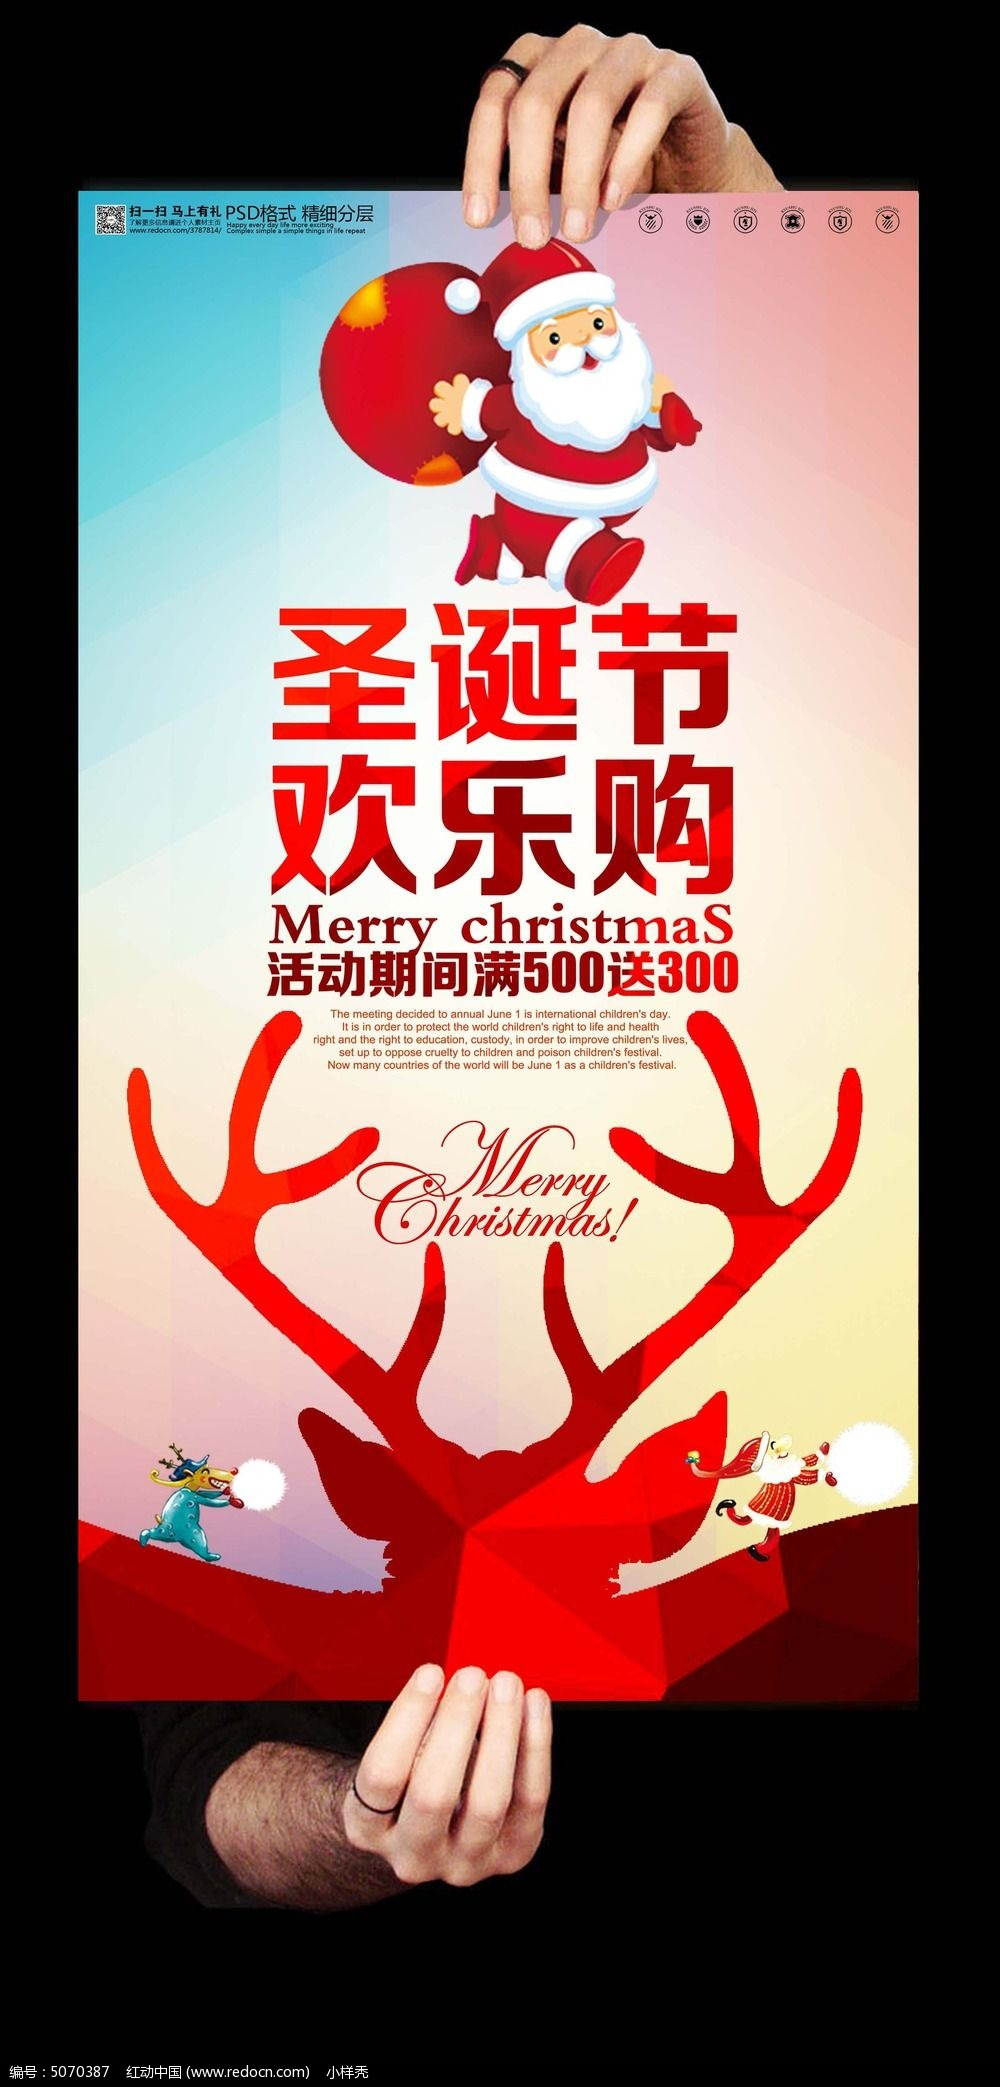 圣诞节平安夜活动海报psd素材下载_圣诞节设计图片